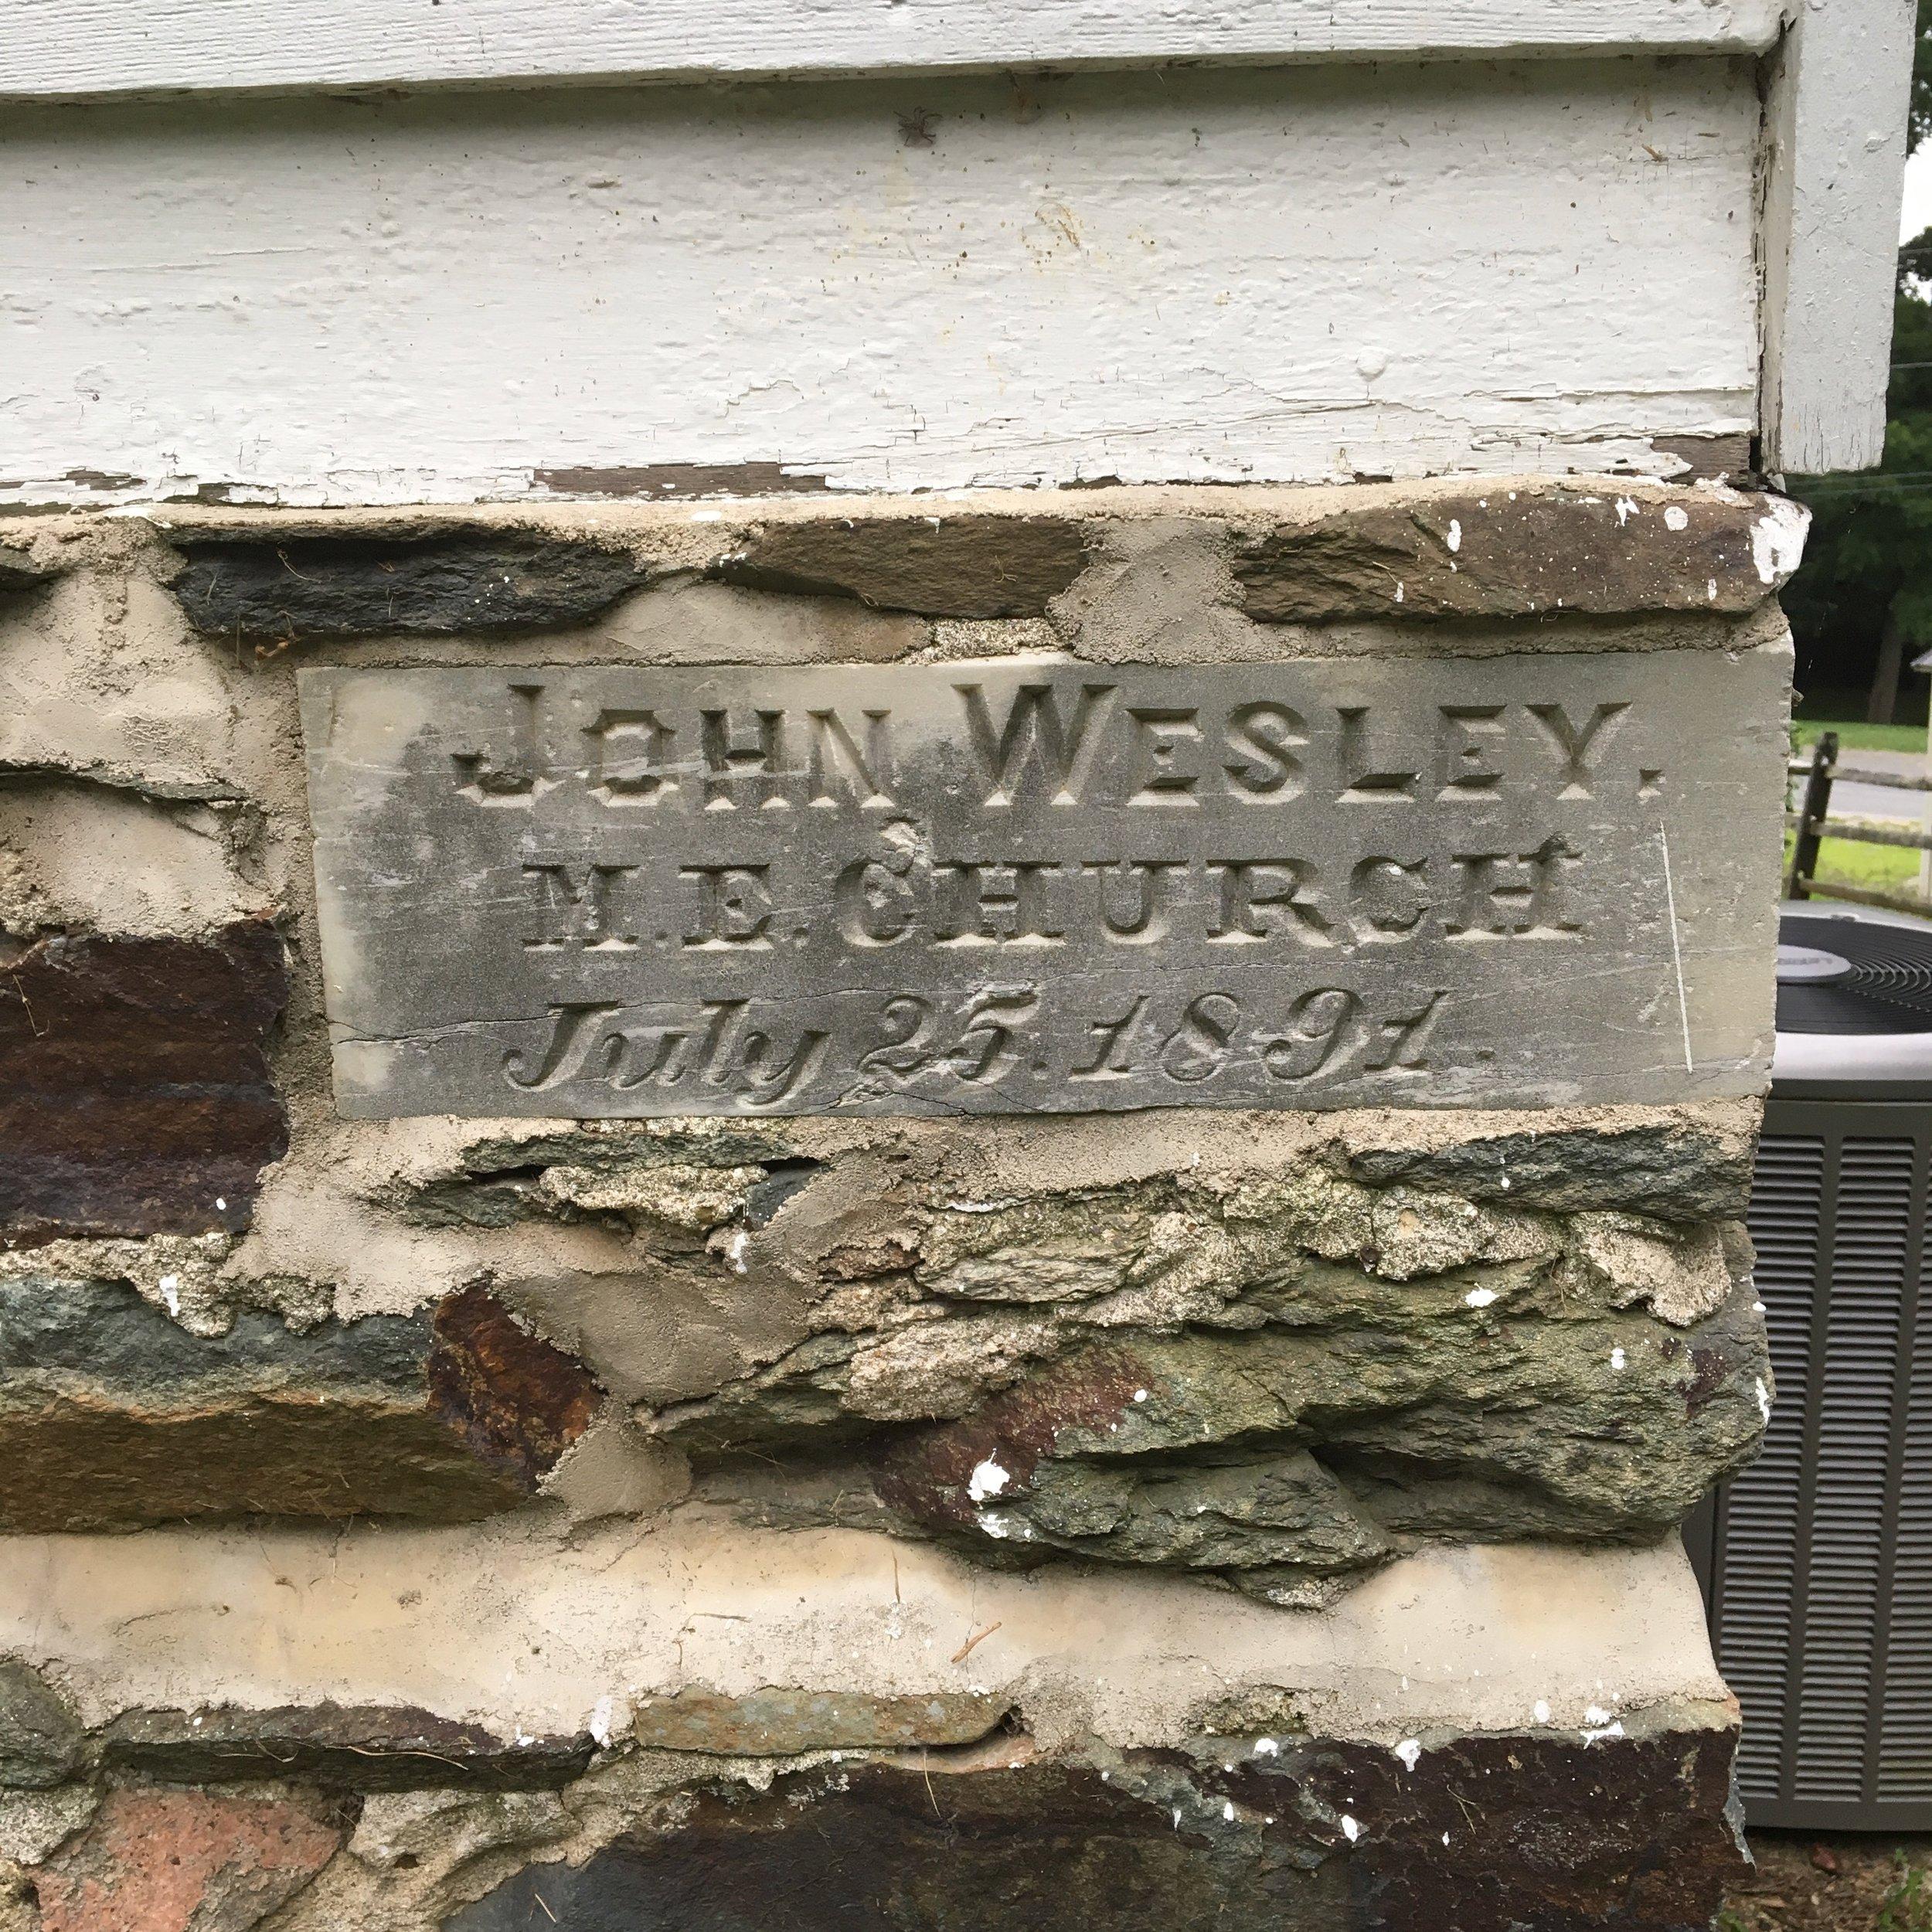 john wesley plaque.jpg